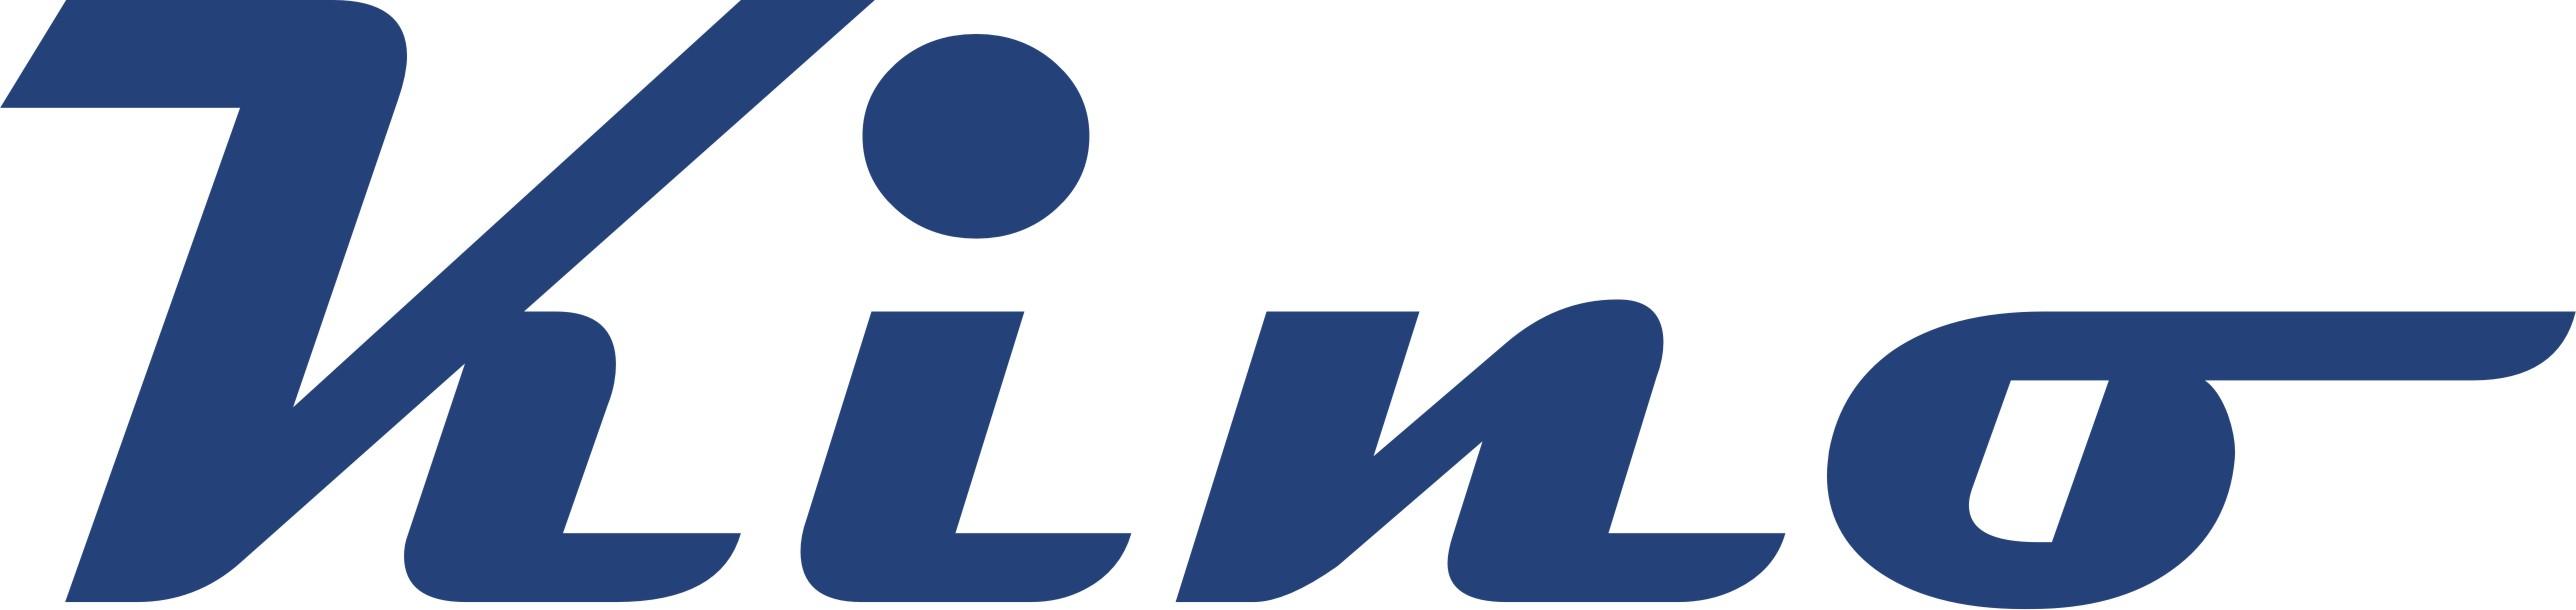 美国科诺工业betway必威手机版登录 (战略投资公司:上海梭伦信息betway官网首页betway必威手机版登录)